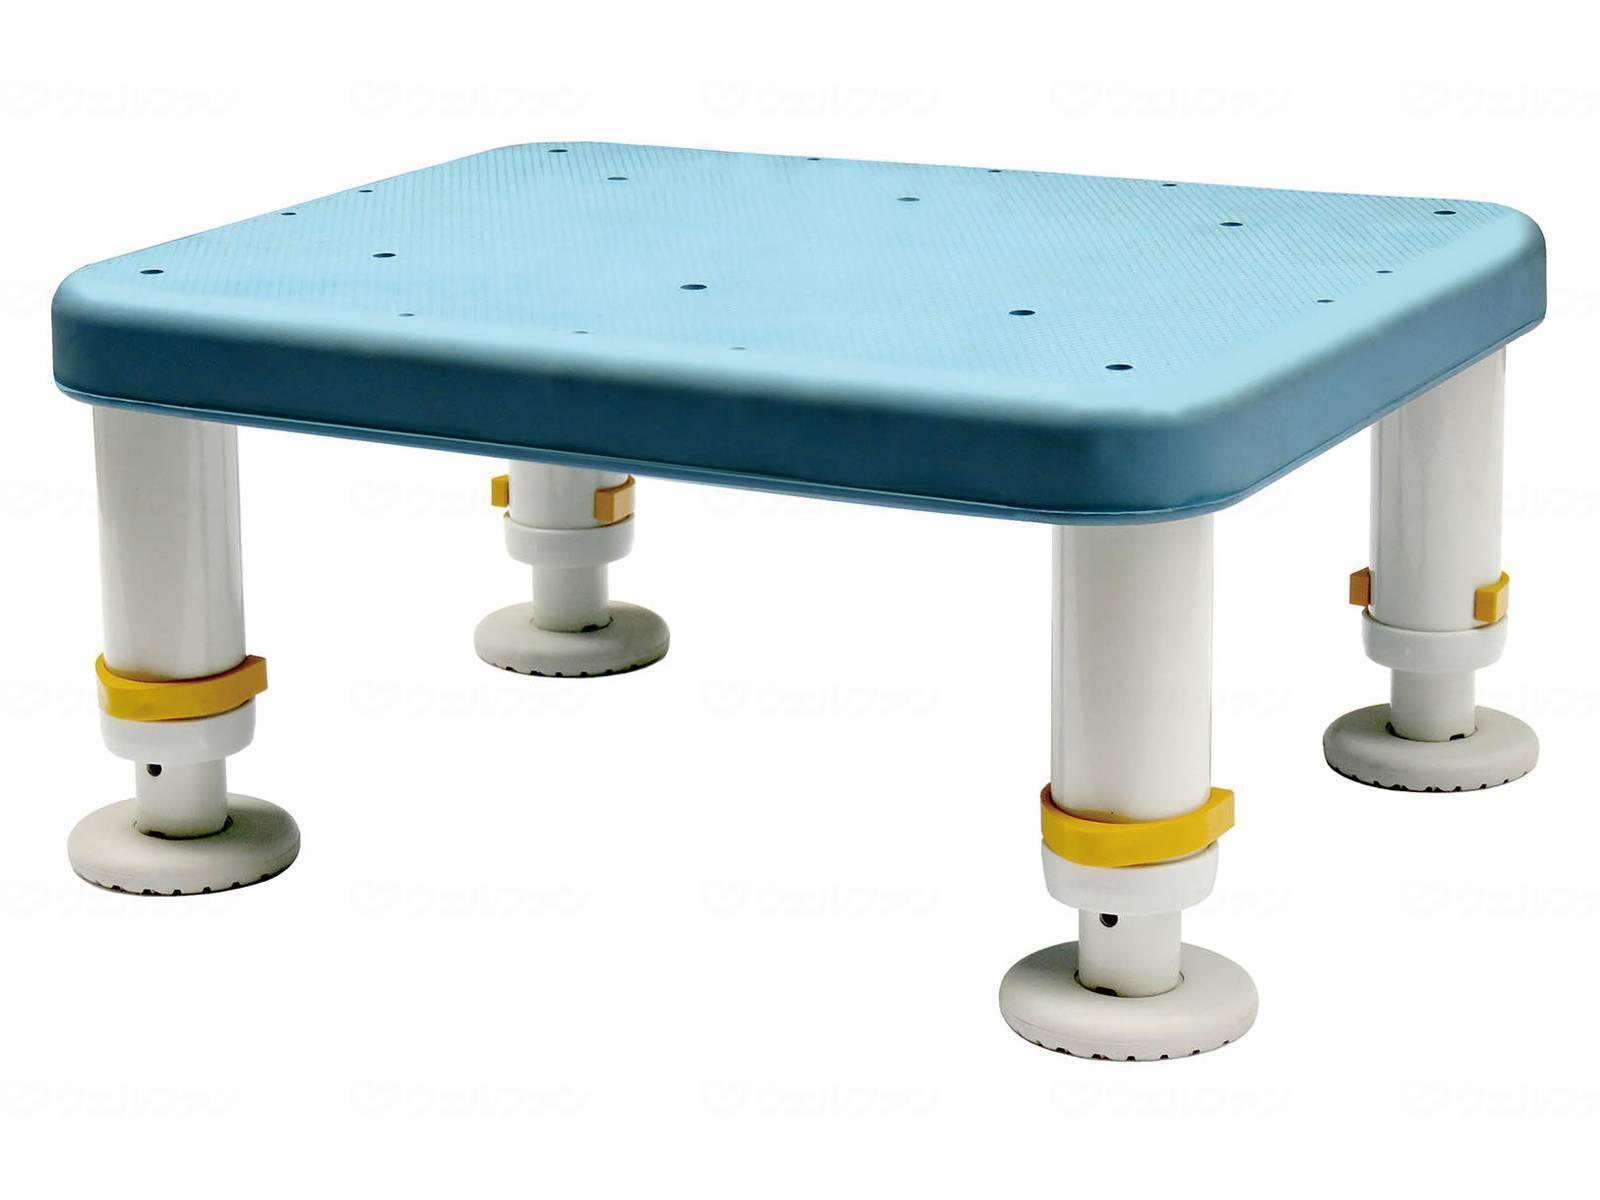 シンエイテクノ ダイヤタッチ浴槽台 レギュラーサイズ SYR10-15/15-25[介護 ケア サポート 介護用品 通販 風呂]